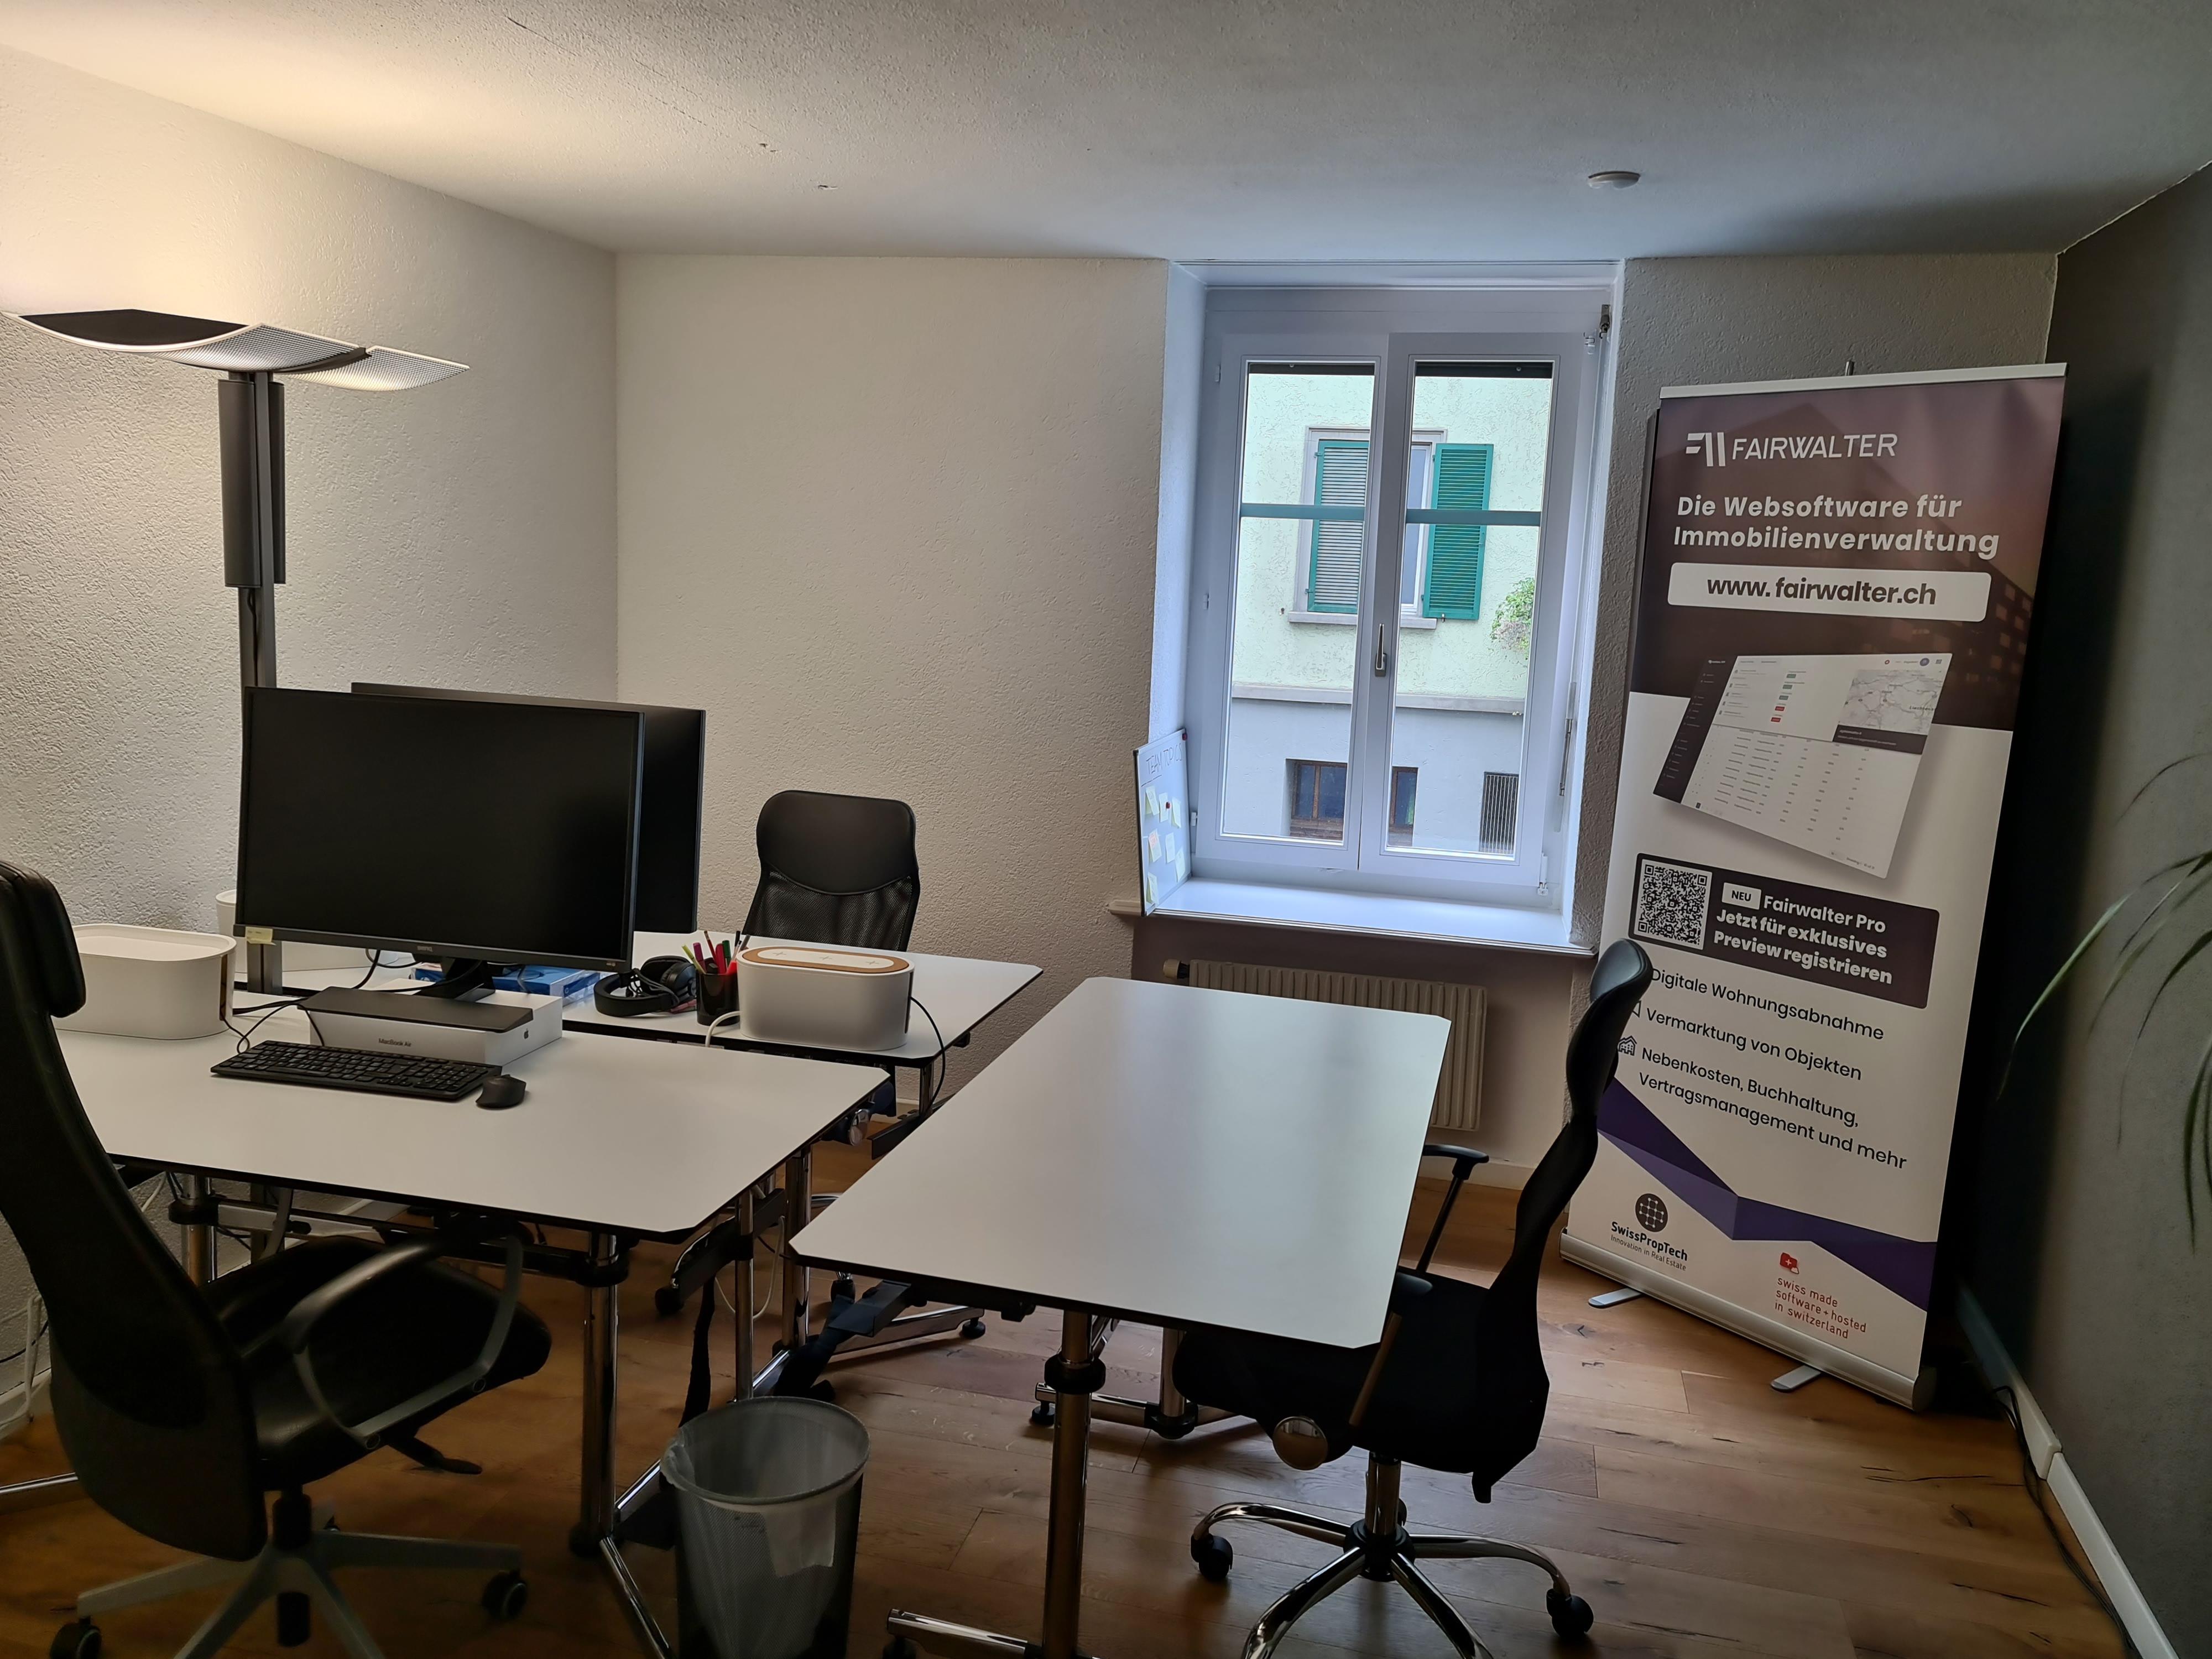 Fairwalter office